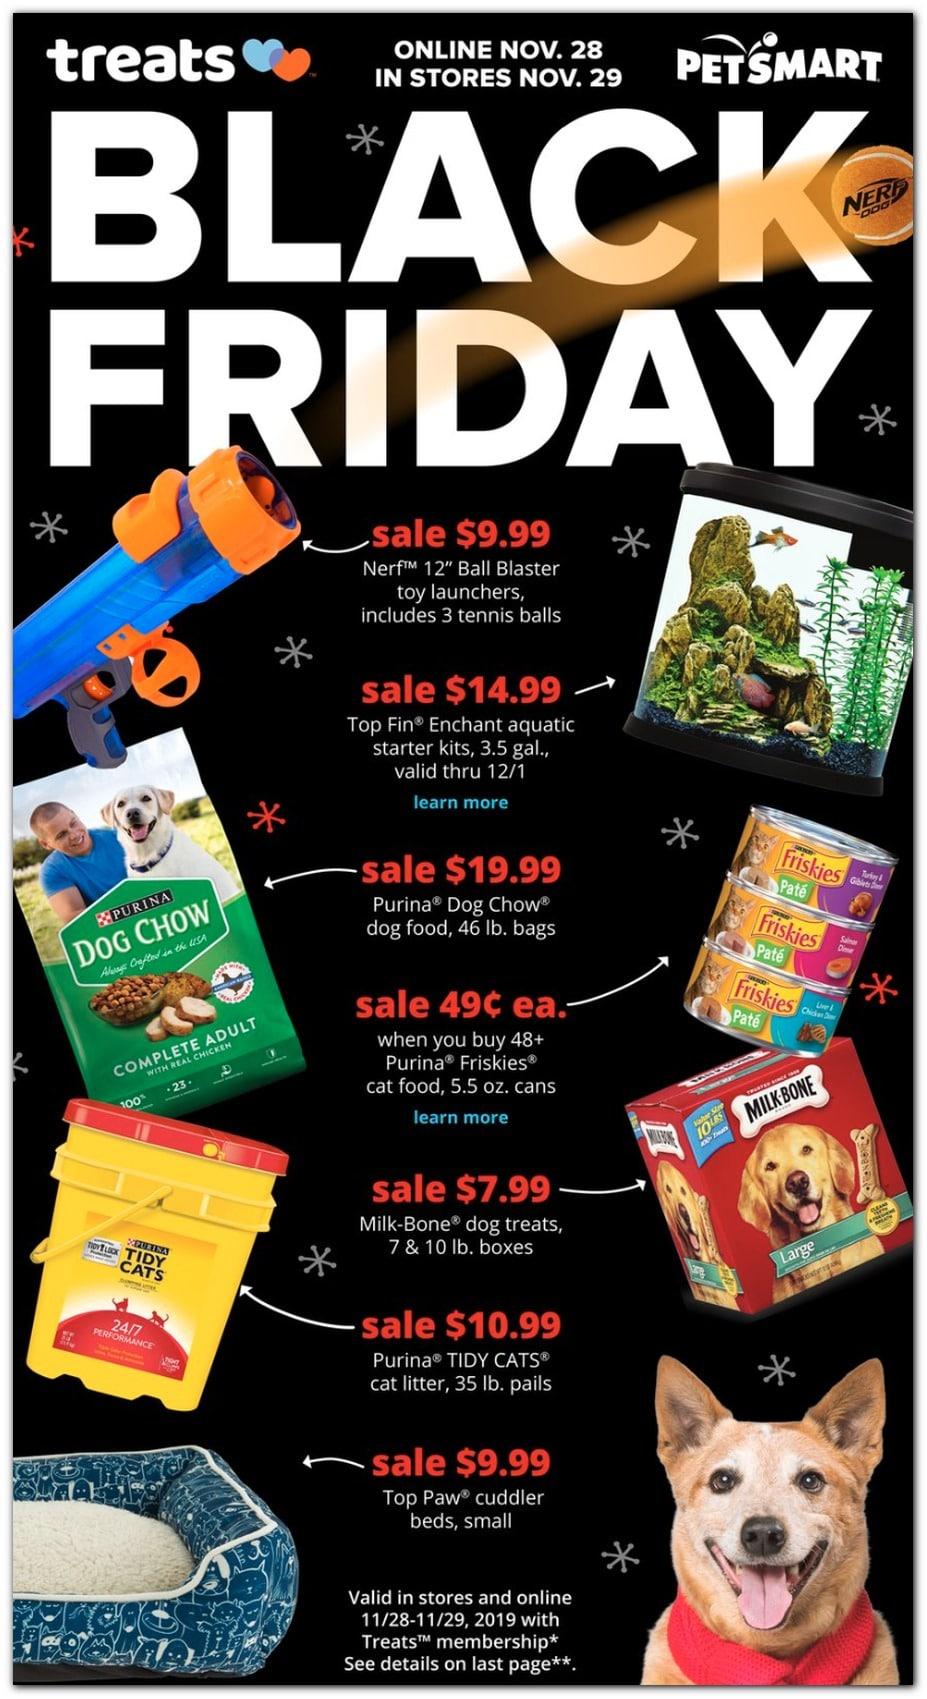 PetSmart Black Friday Ad Sale 2019